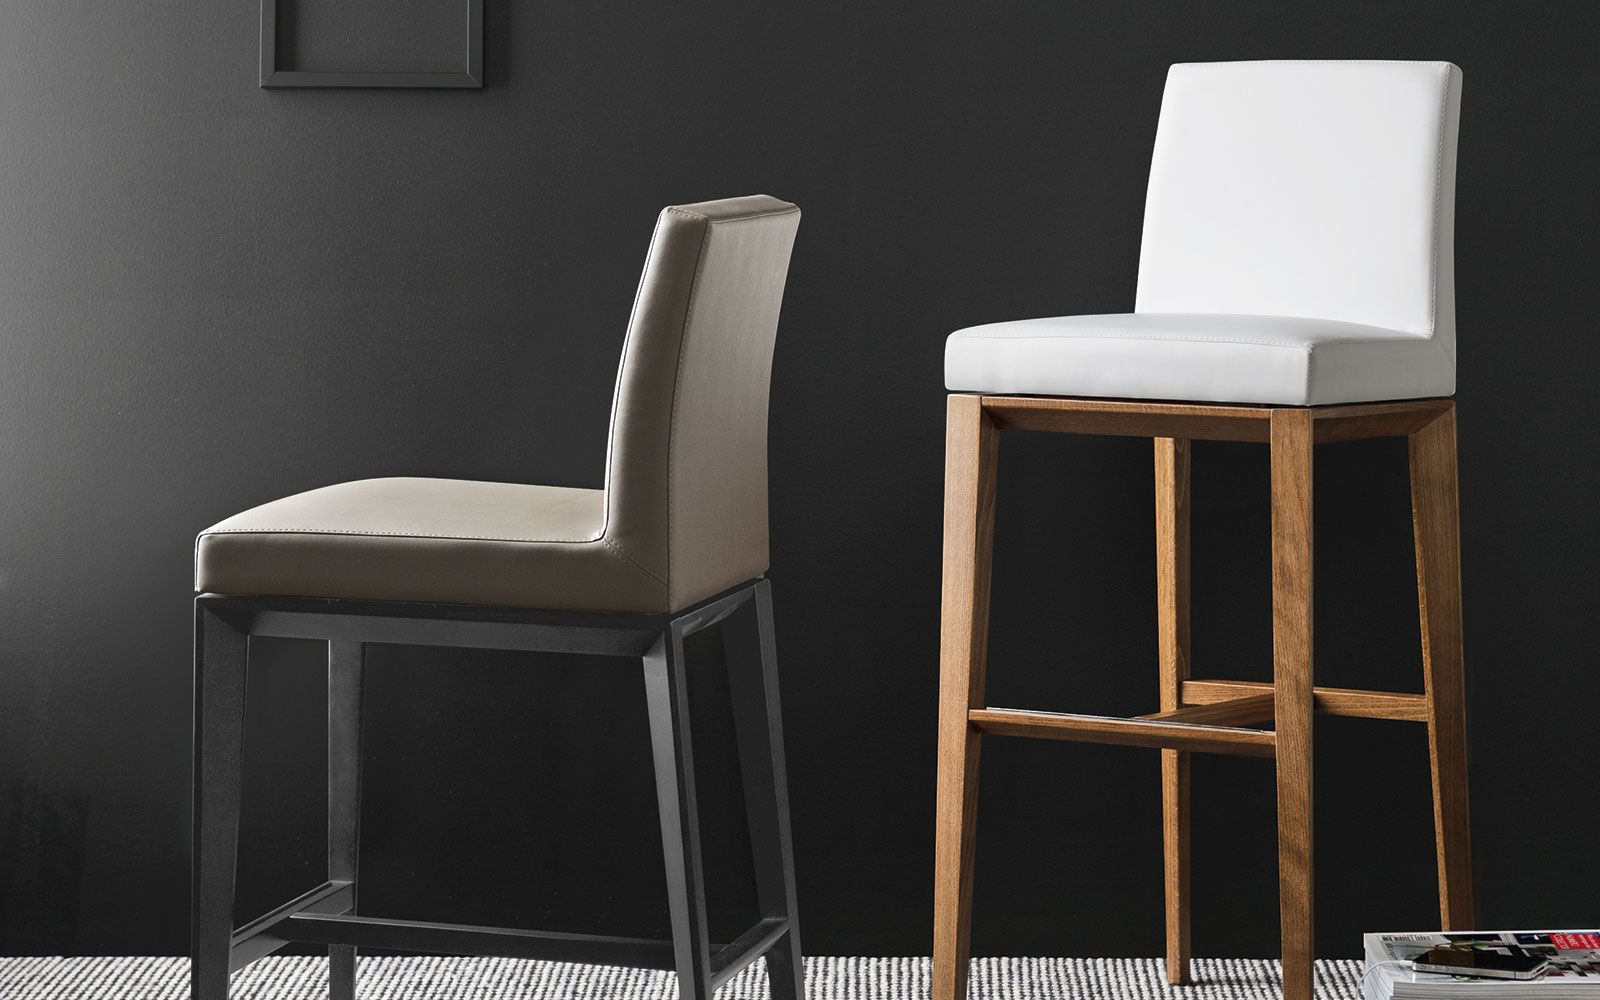 BESS upholstered wooden stool - Calligaris CS/1446-LH | Cucina ...